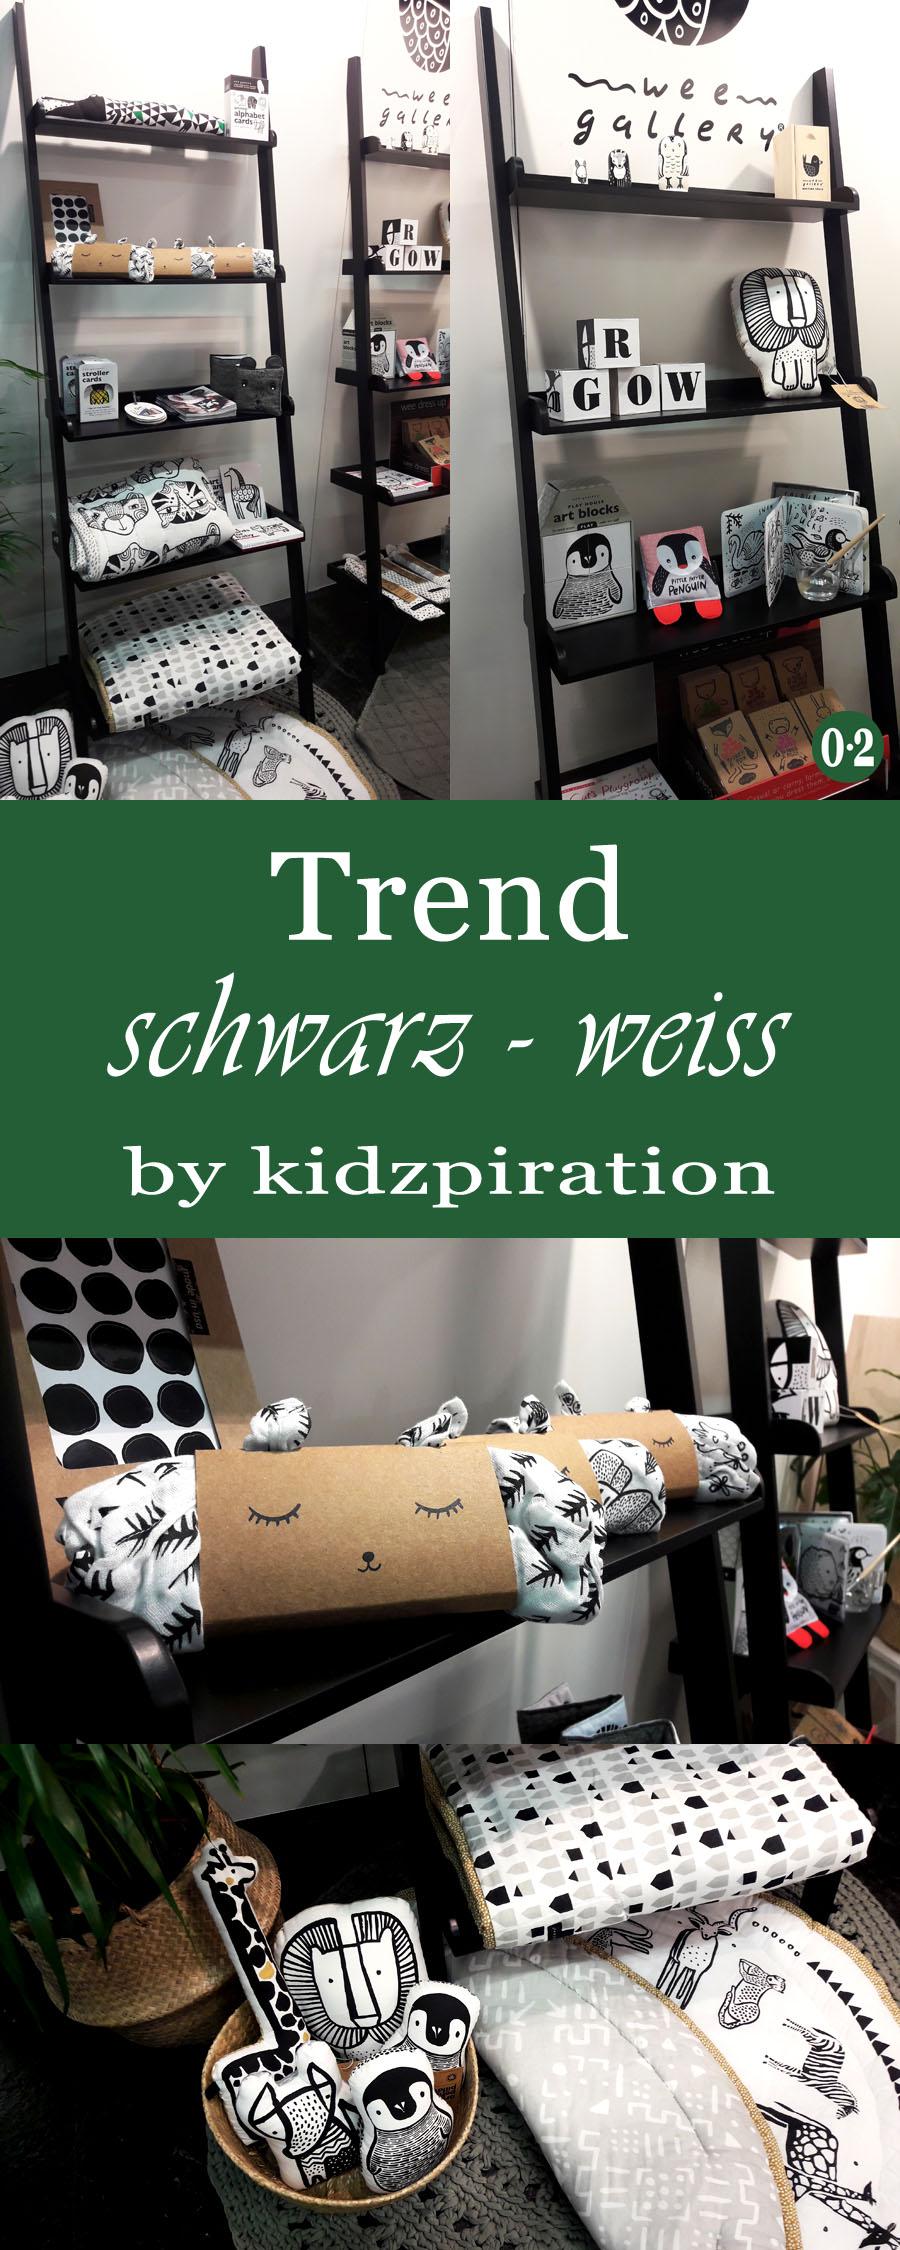 Kinderzimmertrends 2018: Schwarz/weiss und grafische Muster für Kindertextilien, Spielzeug und Accessoires| www.nullpunktzwo.de